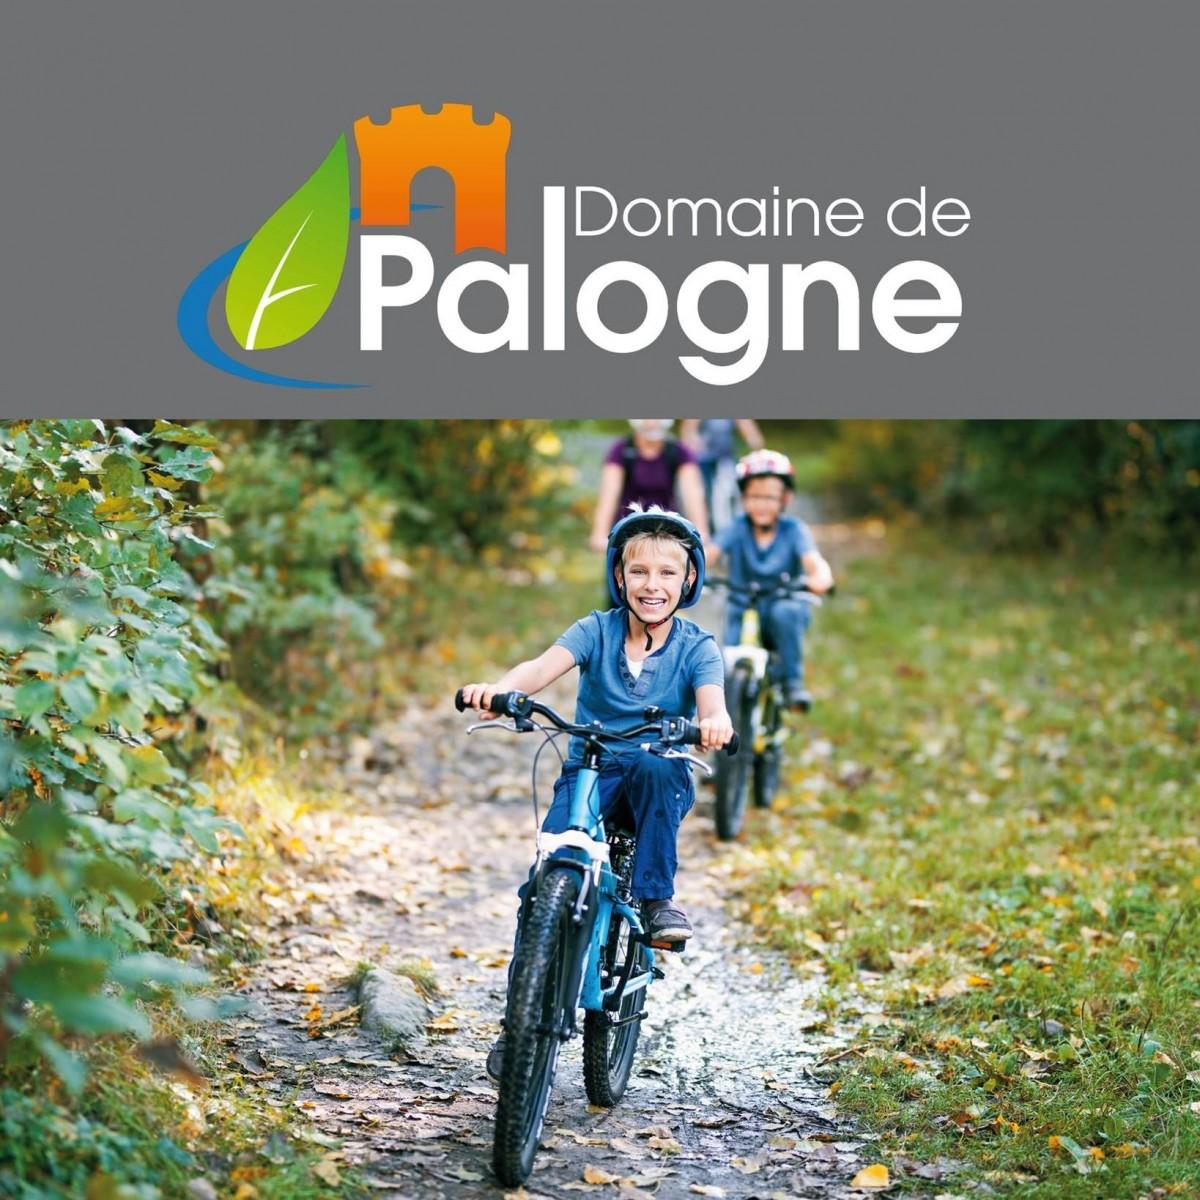 Palogne